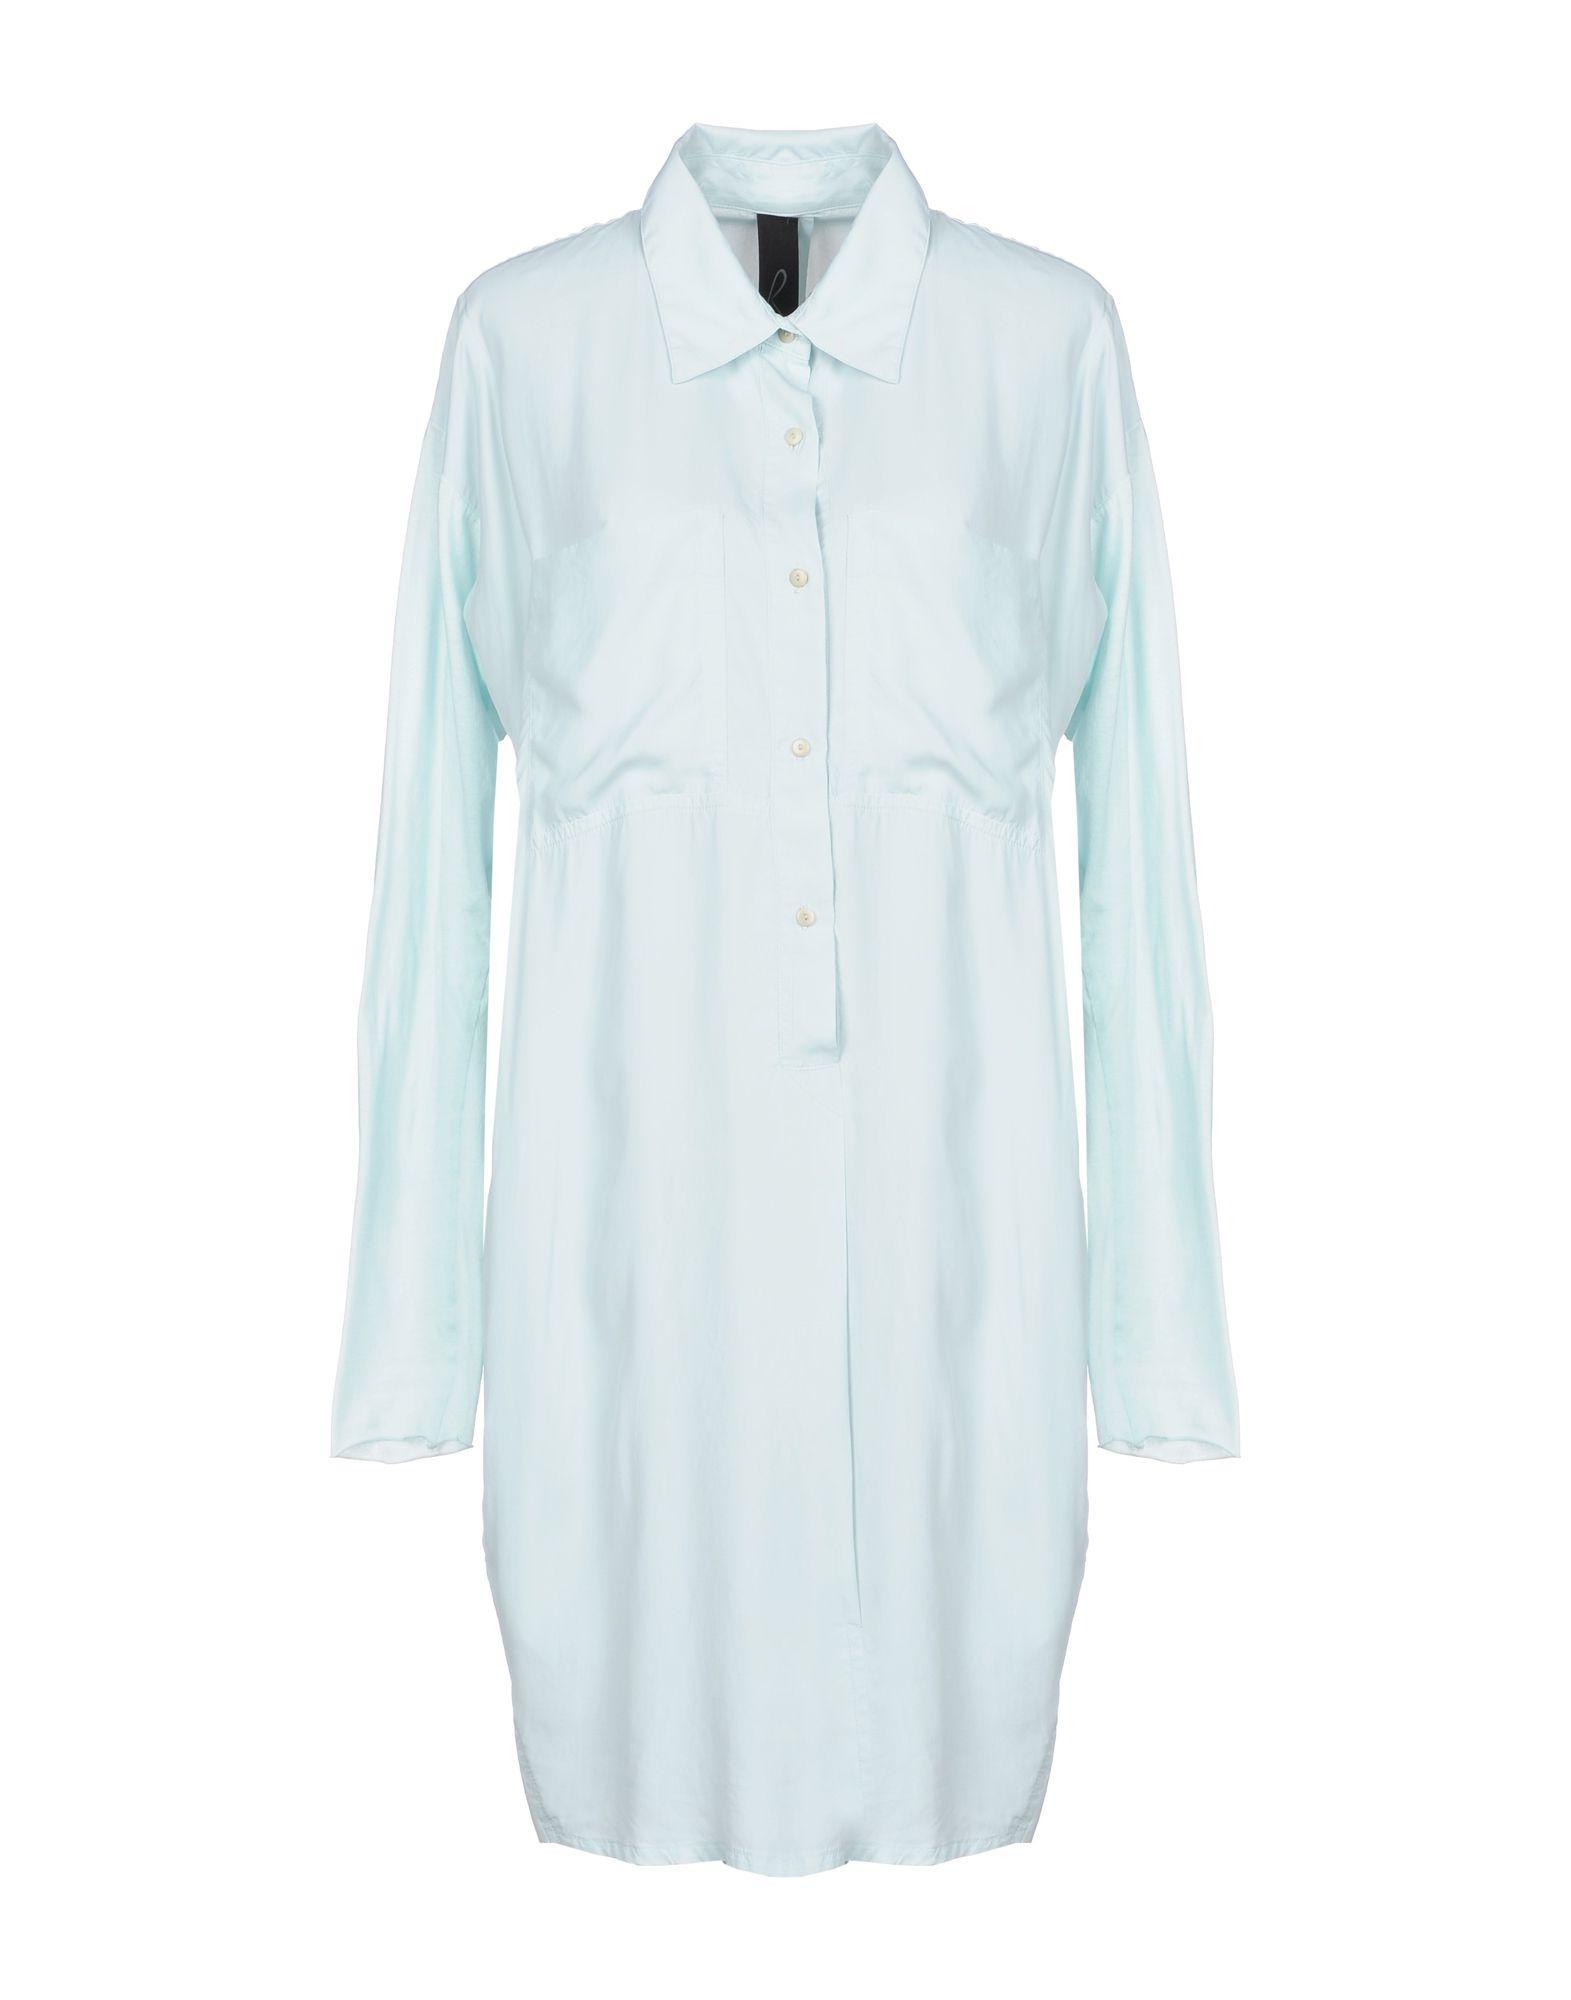 ROQUE ILARIA NISTRI Короткое платье adriatica часы adriatica 1137 4116q коллекция titanium